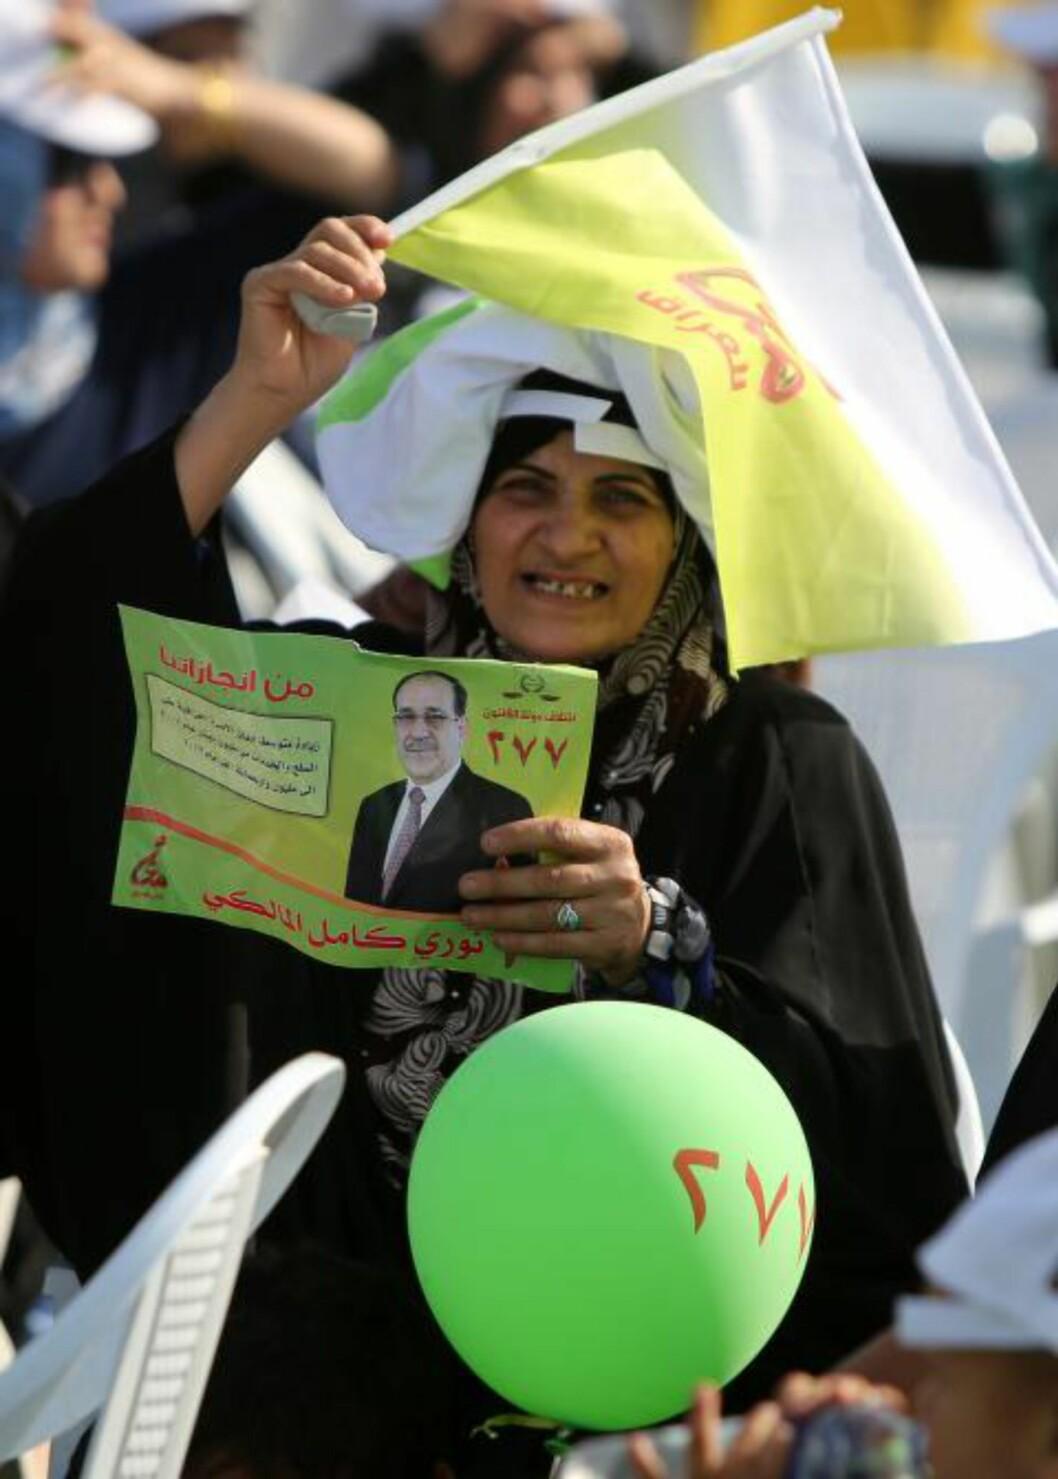 <strong>SKAL STEMME:</strong>  En irakisk kvinne holder oppe en plakat av den irakiske statsministeren Nuri al-Maliki i Bagdad i helga. Det er forventet at Maliki vil beholde sin statsministertittel etter valget til tross for kaos, korrupsjon og kritikk. Foto: Ahmad al-Rubaye/Afp/Scanpix